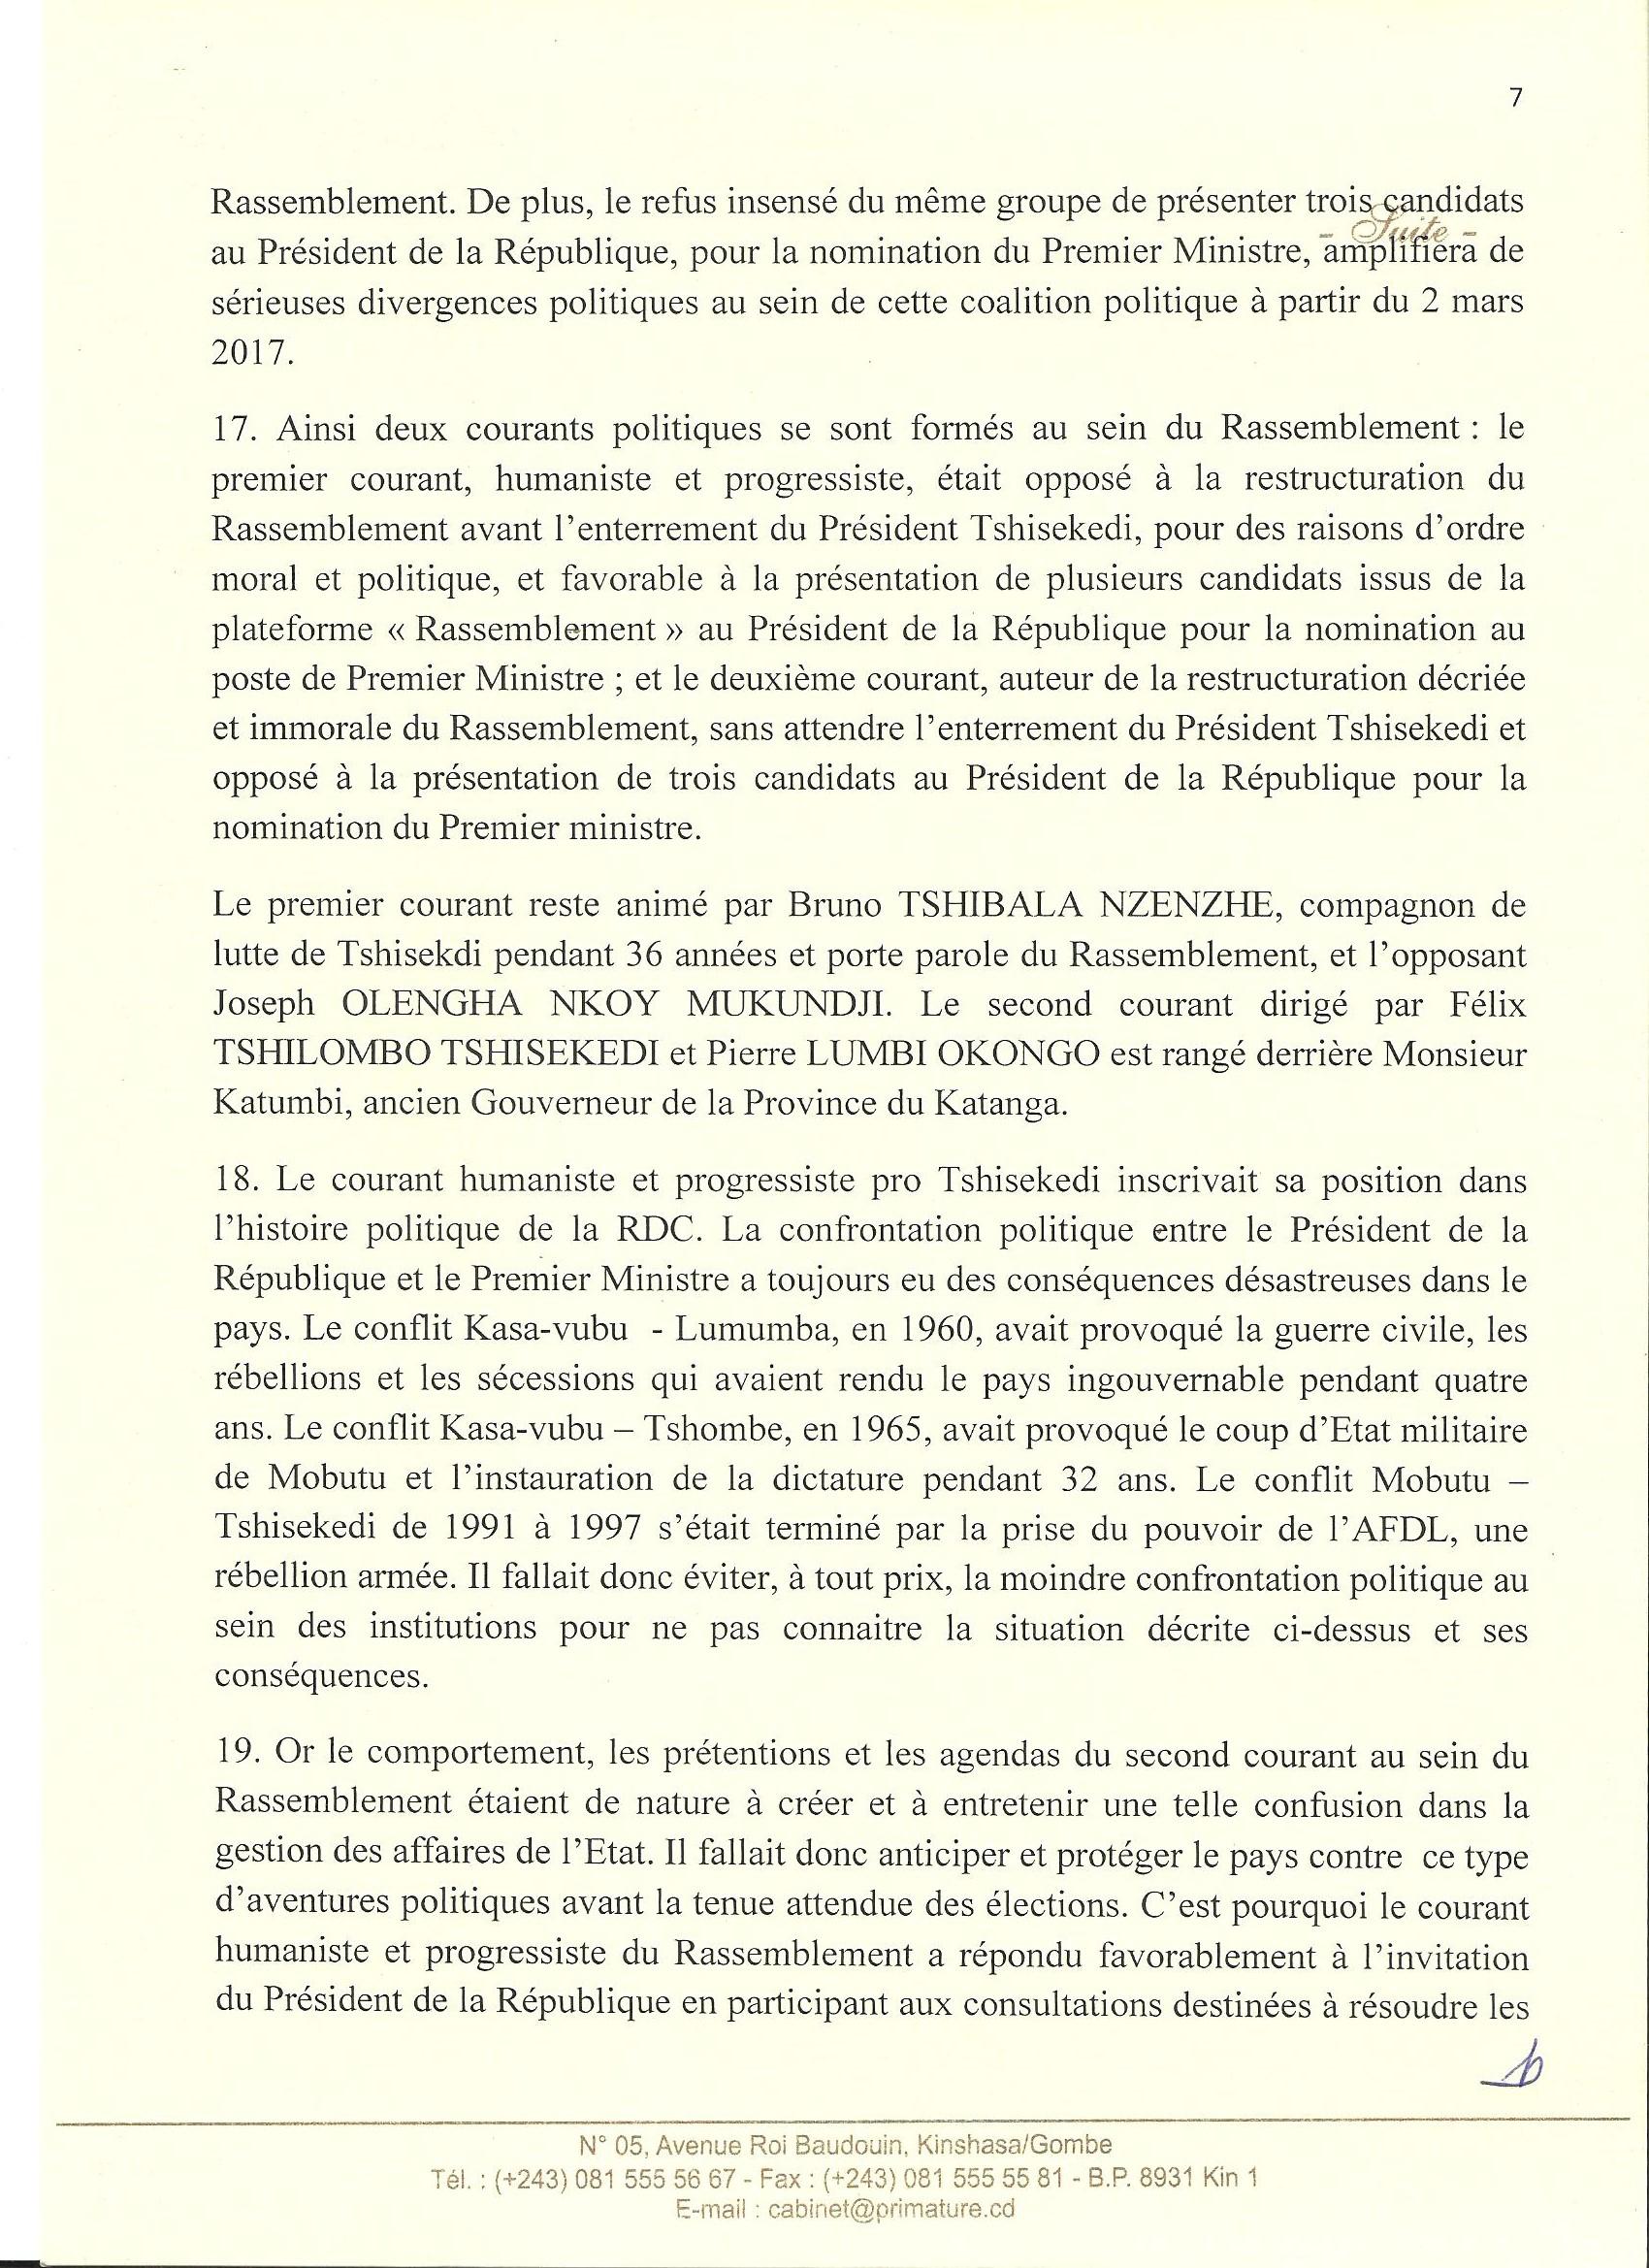 Situation Réelle en RDC – Primature -p7 @Zoom_eco